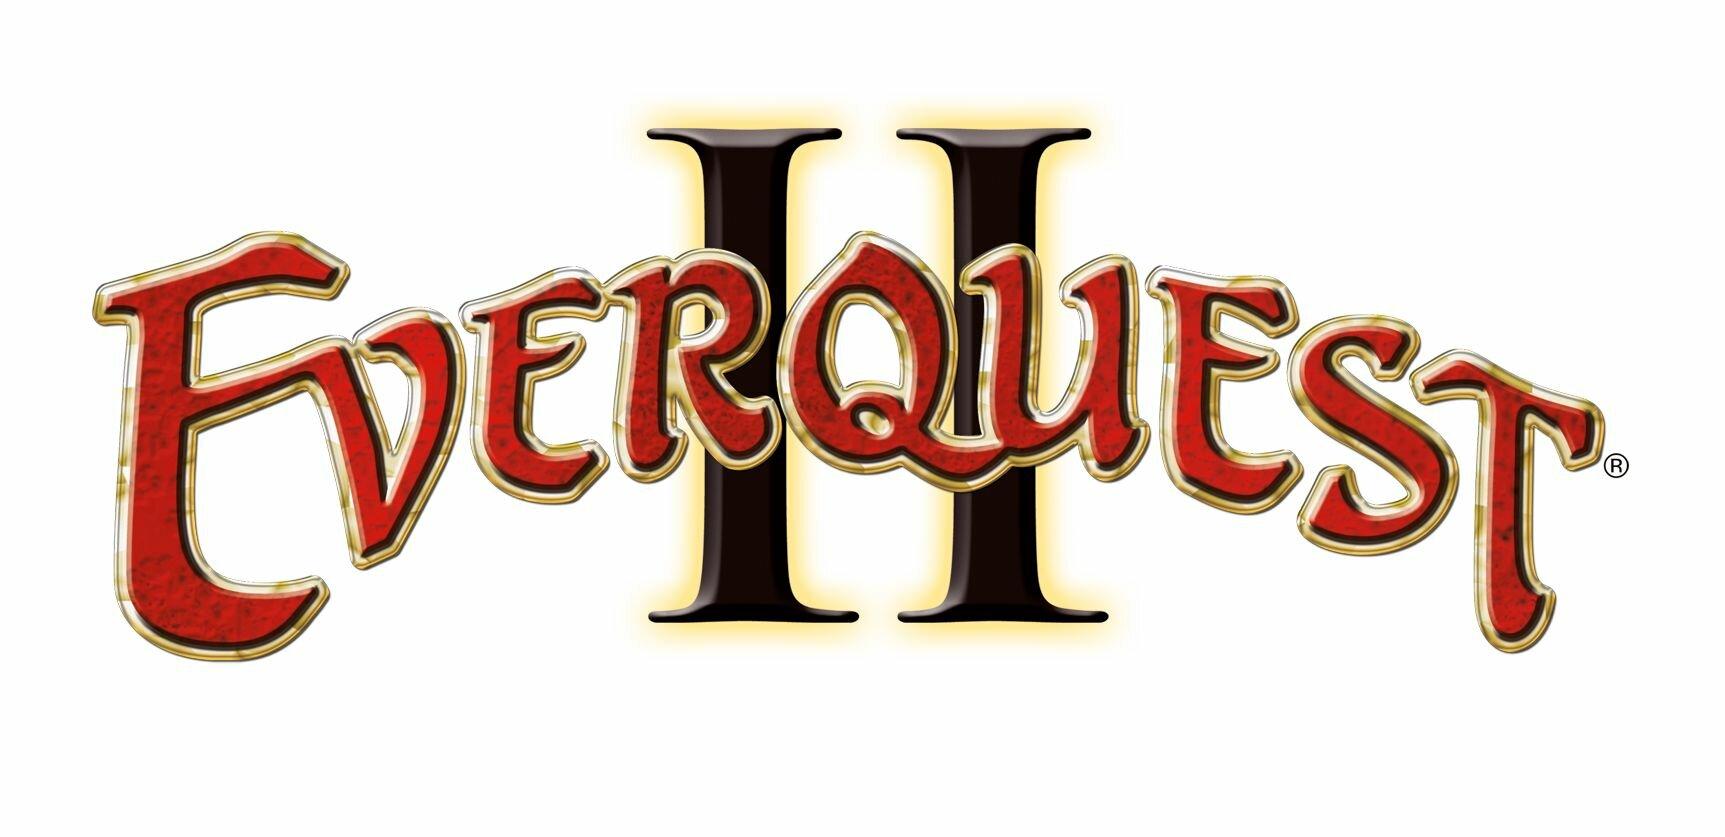 Everquest II Logo